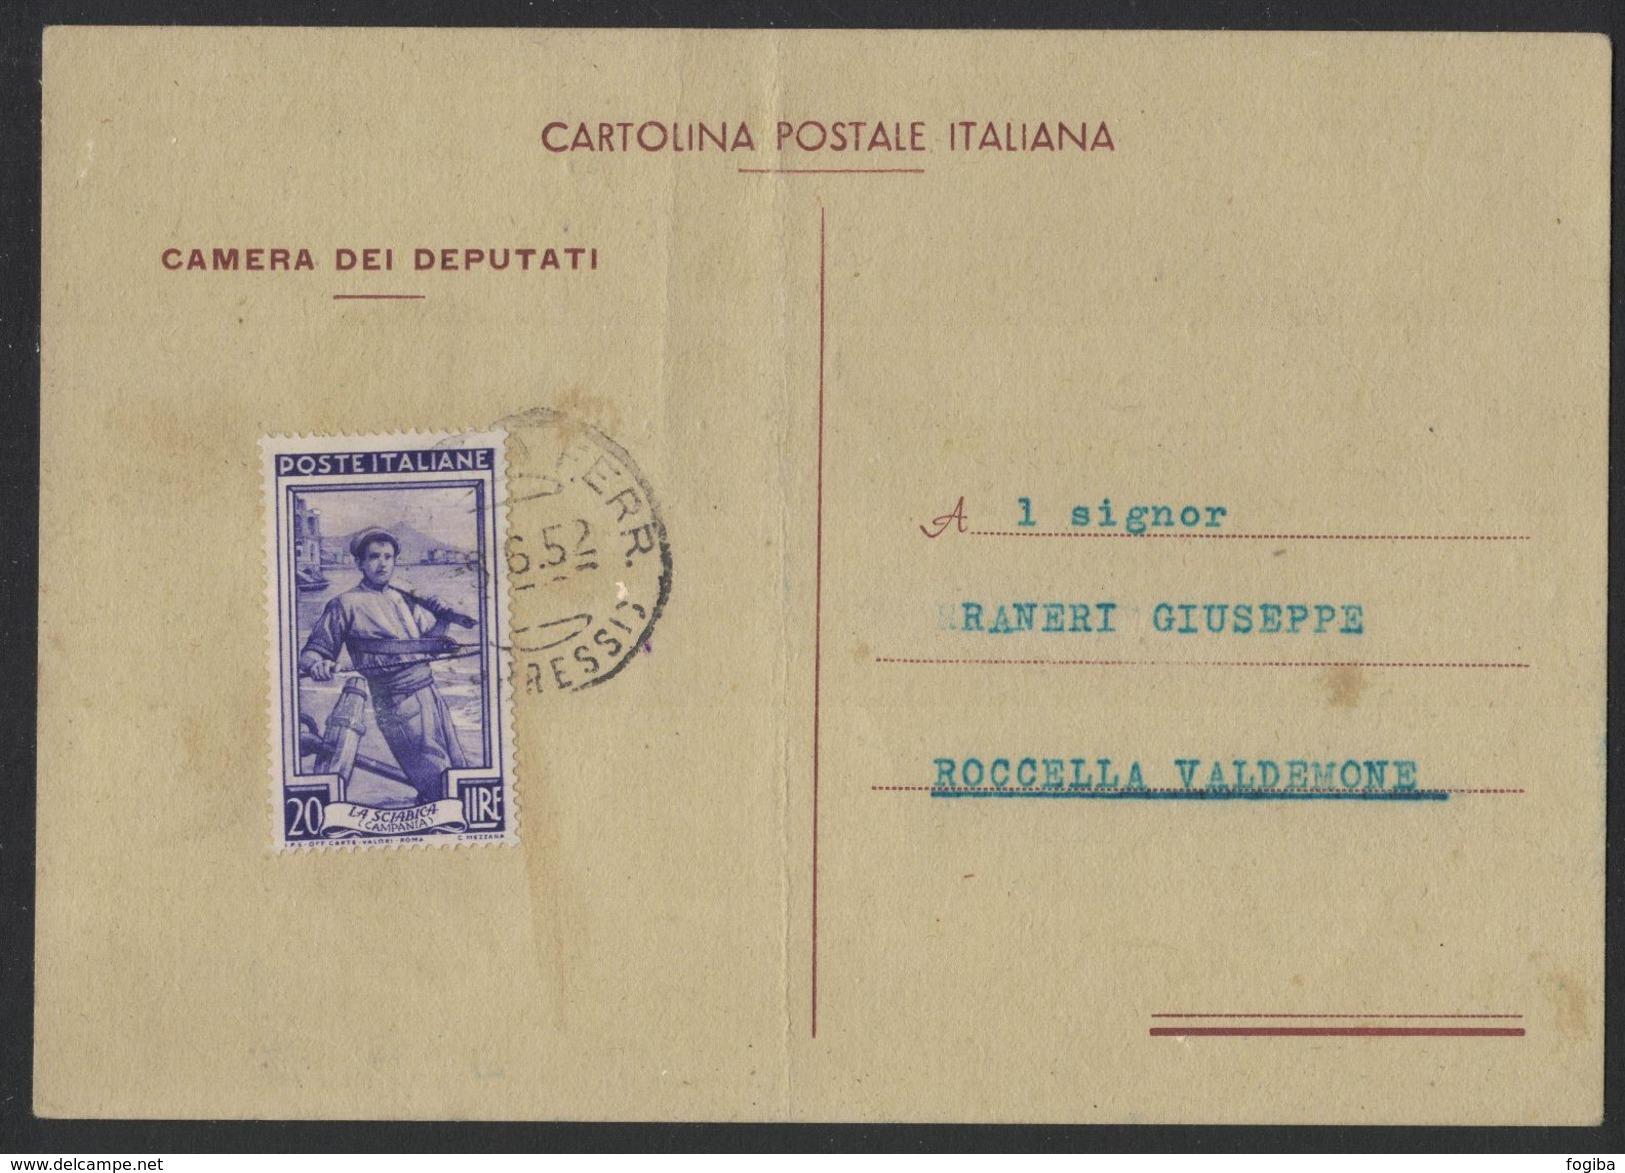 BU540    ITALIA AL LAVORO L.20 ISOLATO  SU CARTOLINA POSTALE CAMERA DEI DEPUTATI 1952 - 6. 1946-.. Repubblica